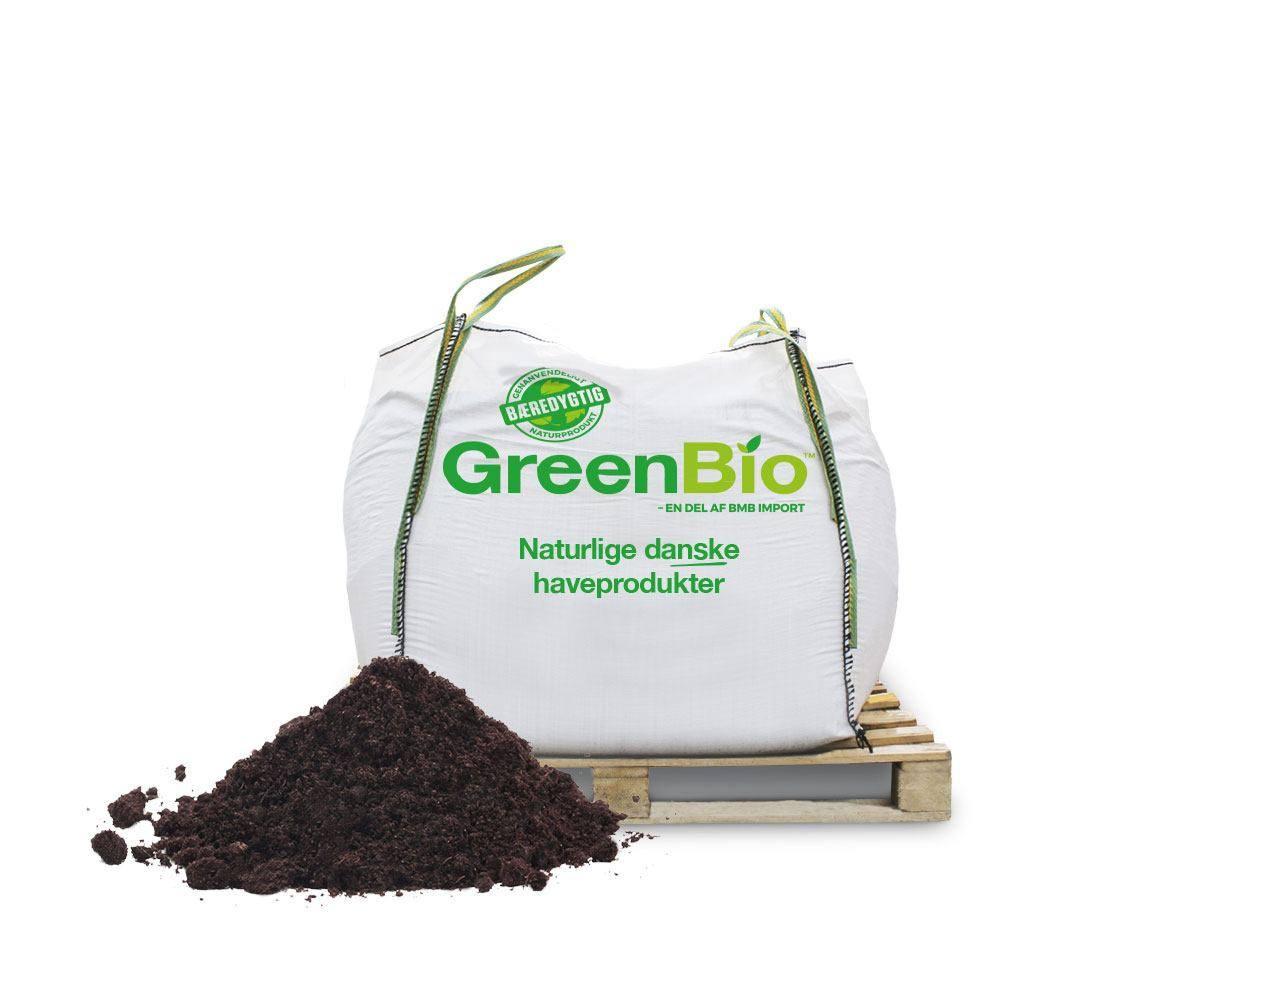 GreenBio højbedsmuld til økologisk dyrkning